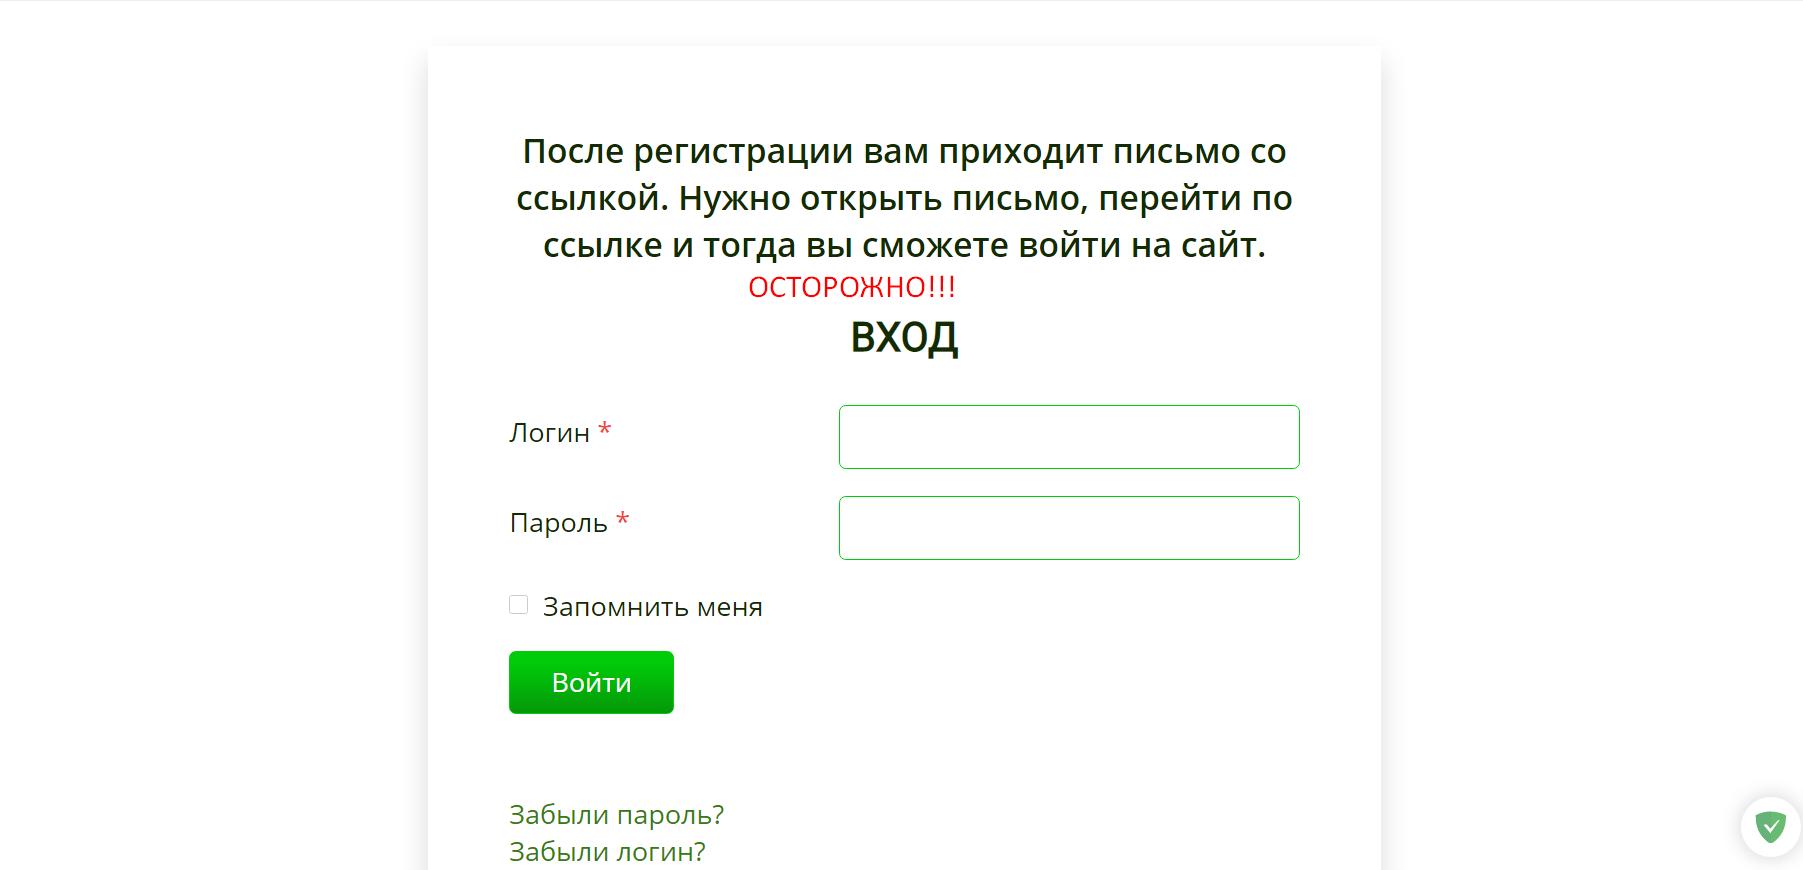 Компания Lime company лохотрон